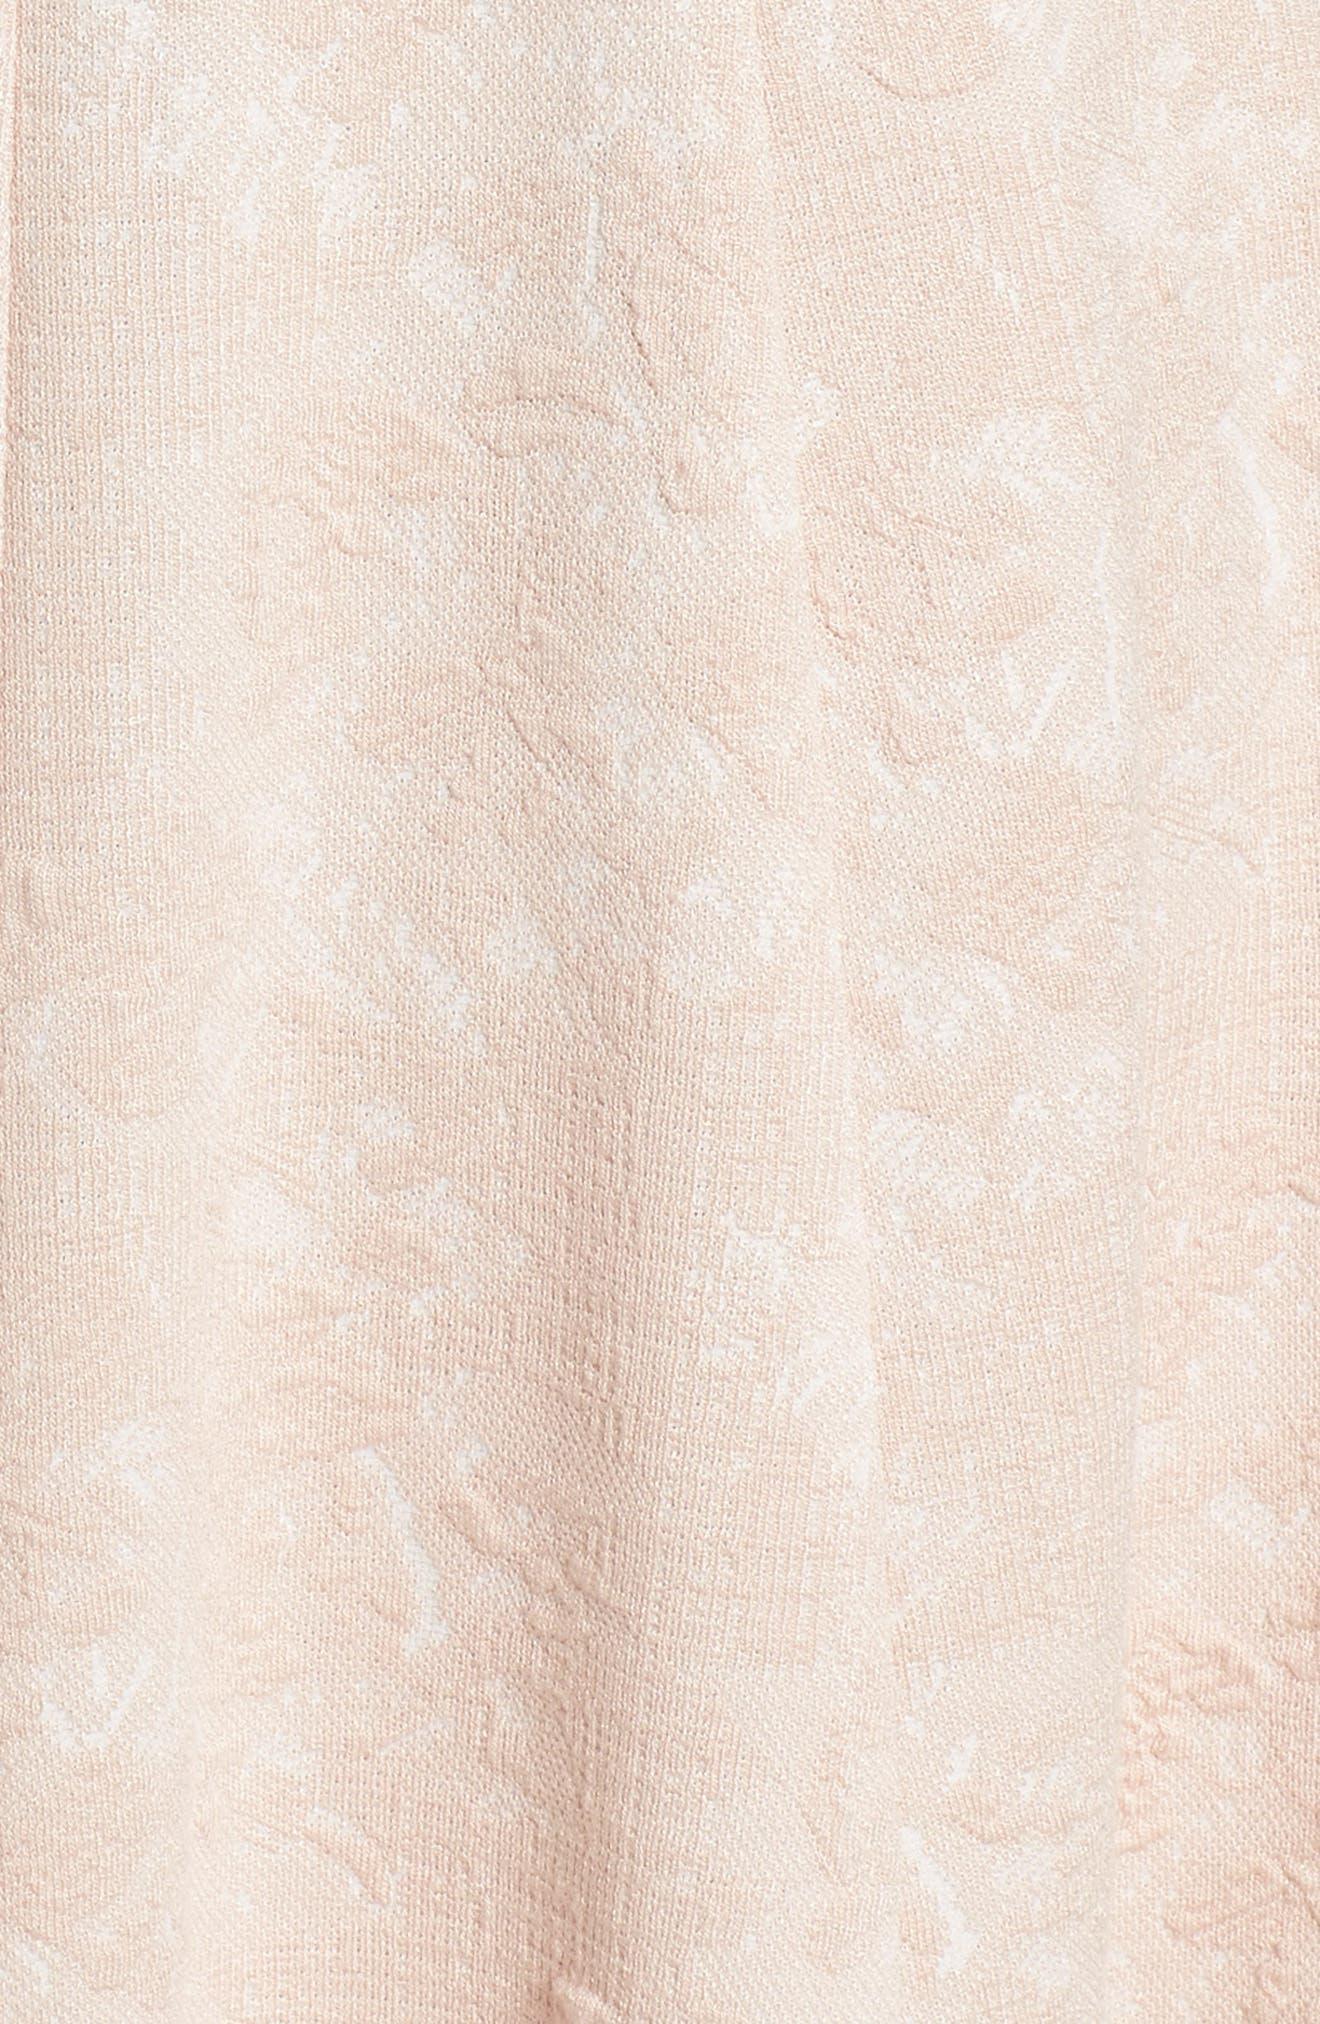 Jacquard Knit Fit & Flare Dress,                             Alternate thumbnail 10, color,